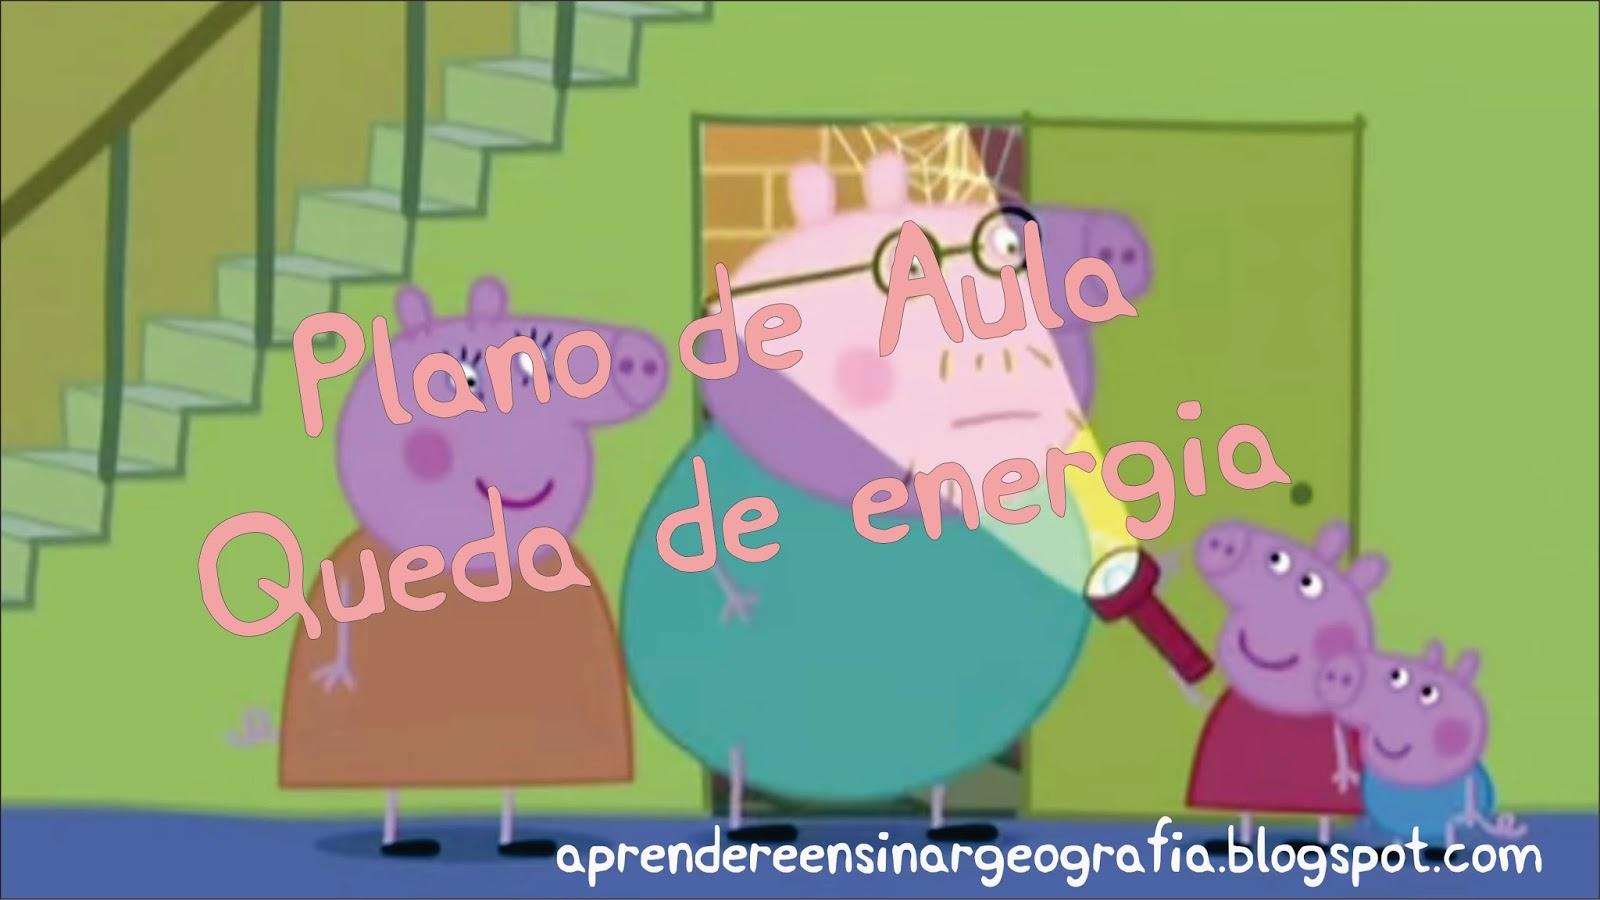 Queda de energia